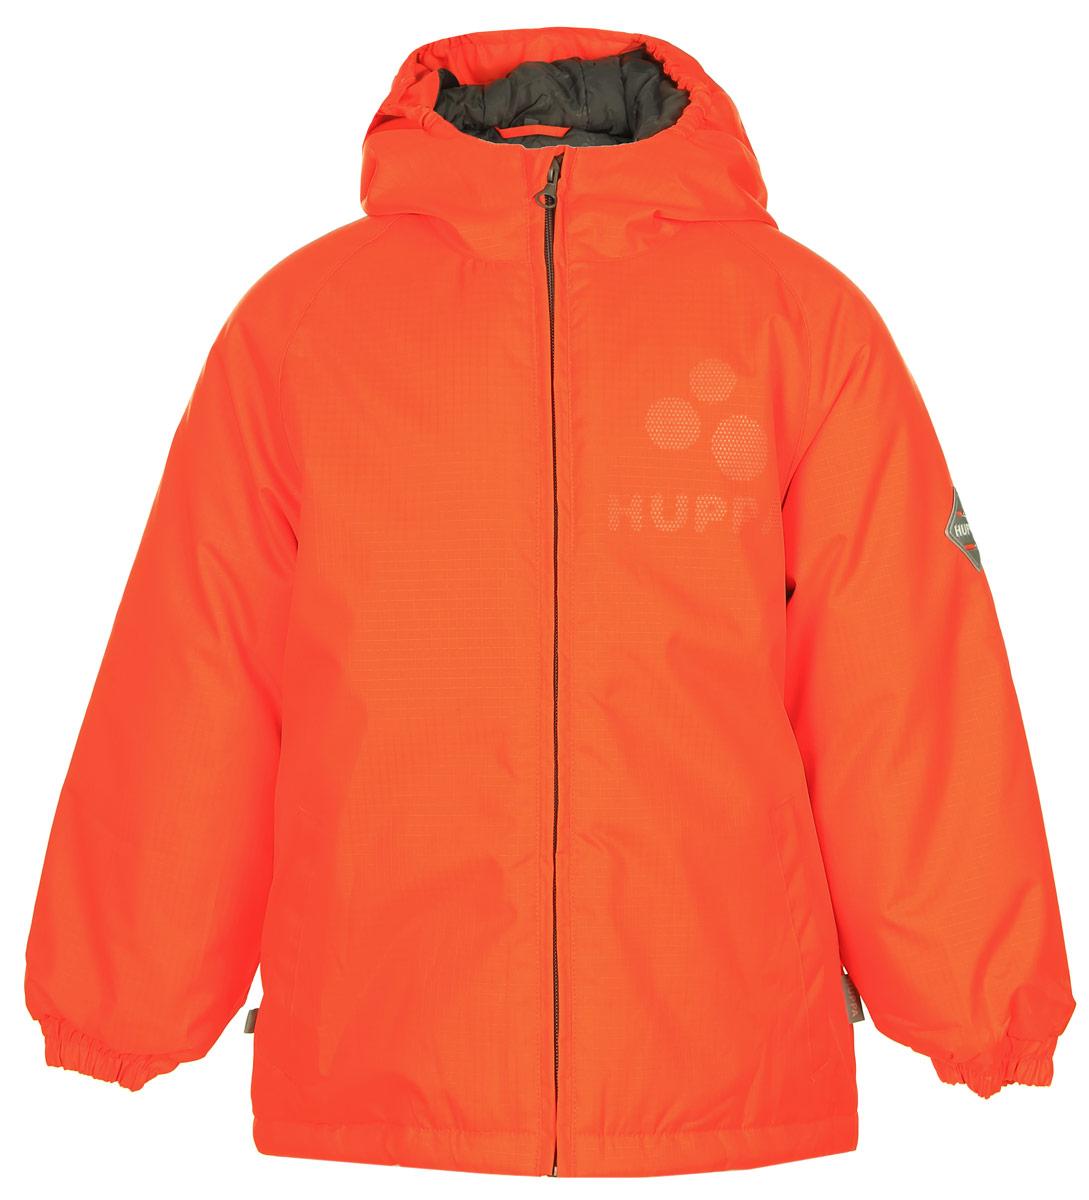 17710030-022Яркая детская куртка Huppa Classy идеально подойдет для ребенка в прохладное время года. Куртка изготовлена из водоотталкивающей и ветрозащитной ткани и утеплена синтепоном (100% полиэстер). В качестве подкладки также используется полиэстер. Куртка с капюшоном застегивается на пластиковую застежку-молнию и дополнительно имеет внутренний ветрозащитный клапан, а также защиту подбородка. По краю капюшон дополнен эластичными вставками. Низ рукавов обработан манжетами на резинках. Модель спереди дополнена втачными карманами. Куртка спереди и сзади оформлена светоотражающими элементами в виде названия бреда. На левом рукаве расположена небольшая нашивка с названием бренда. В такой куртке ваш ребенок будет чувствовать себя комфортно, уютно и всегда будет в центре внимания!